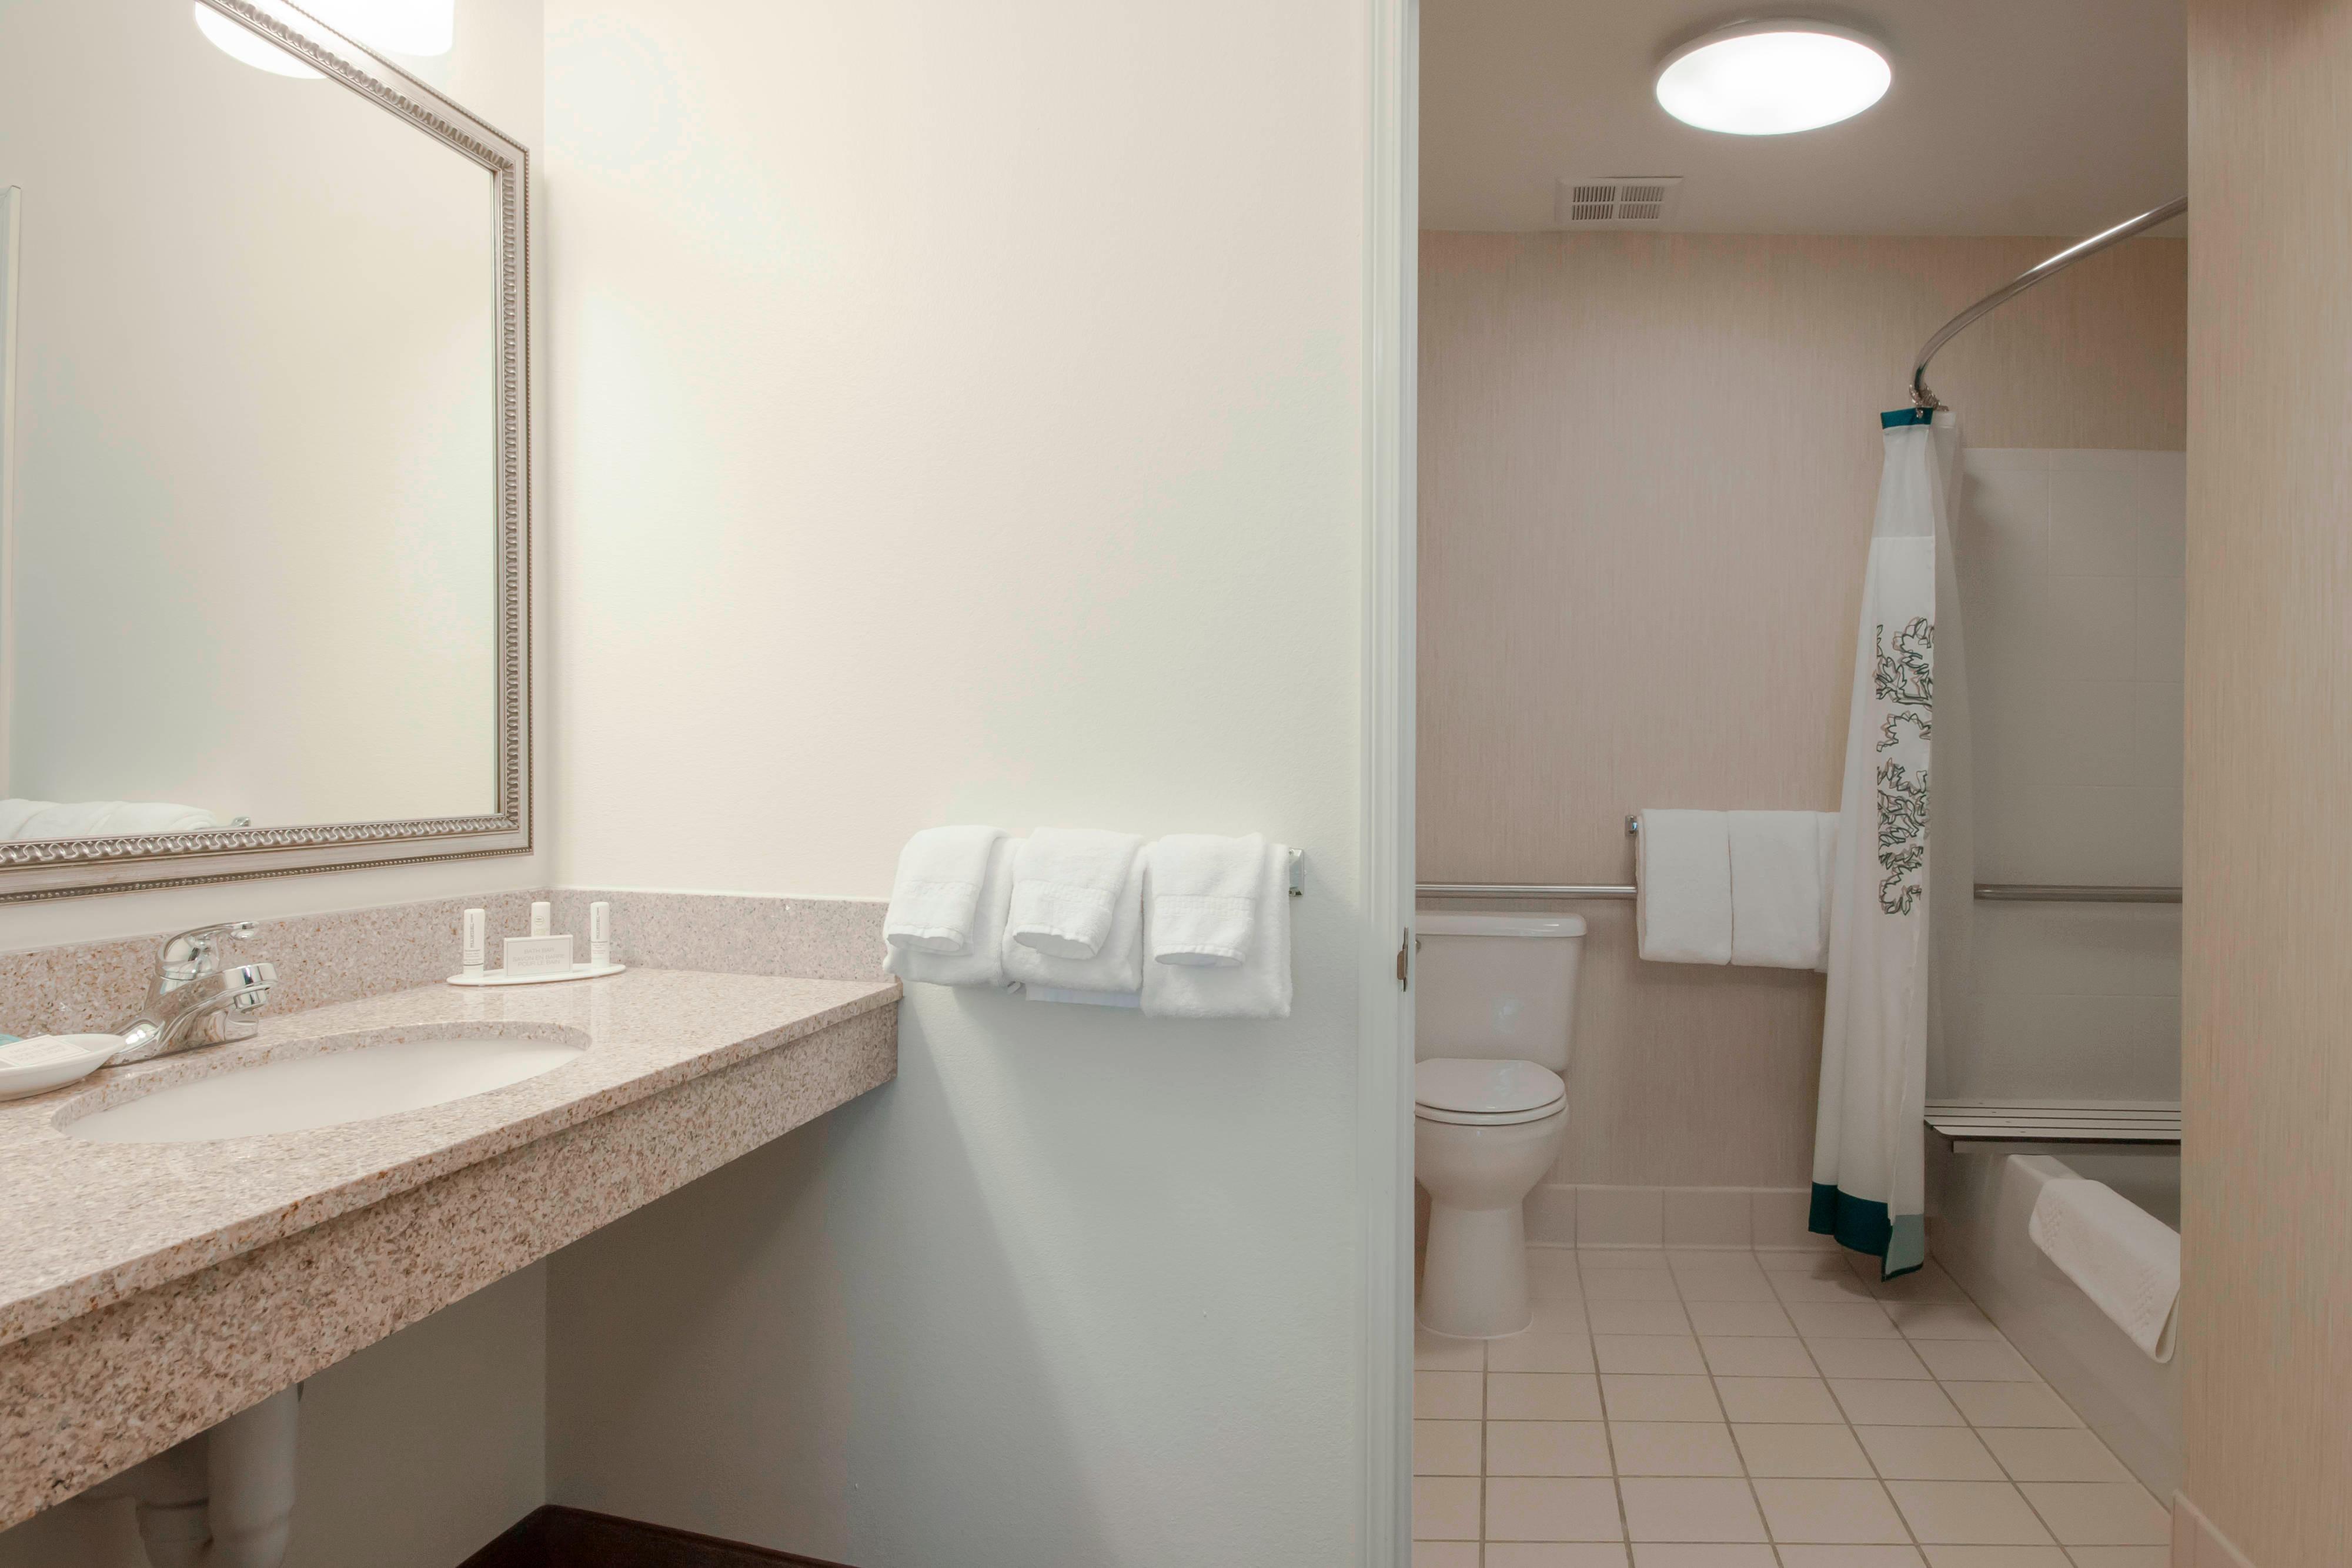 Des Moines Hotel Accessible Bathroom